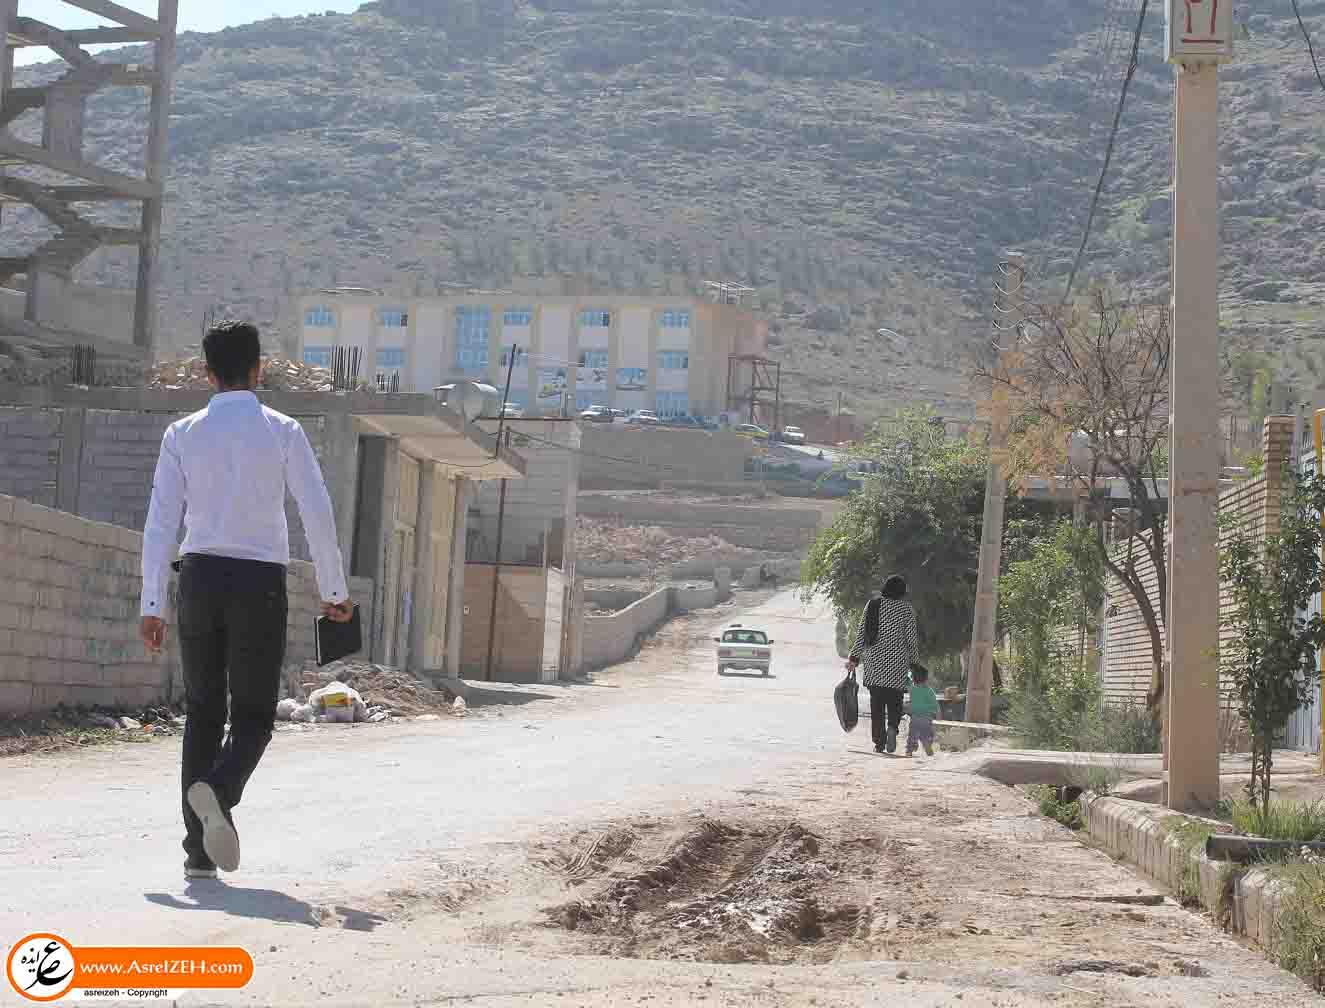 سیر تحول دانشگاه پیام نور ایذه در یک نگاه/ از دبستان شهید احمدی تا بام ایذه+ تصاویر